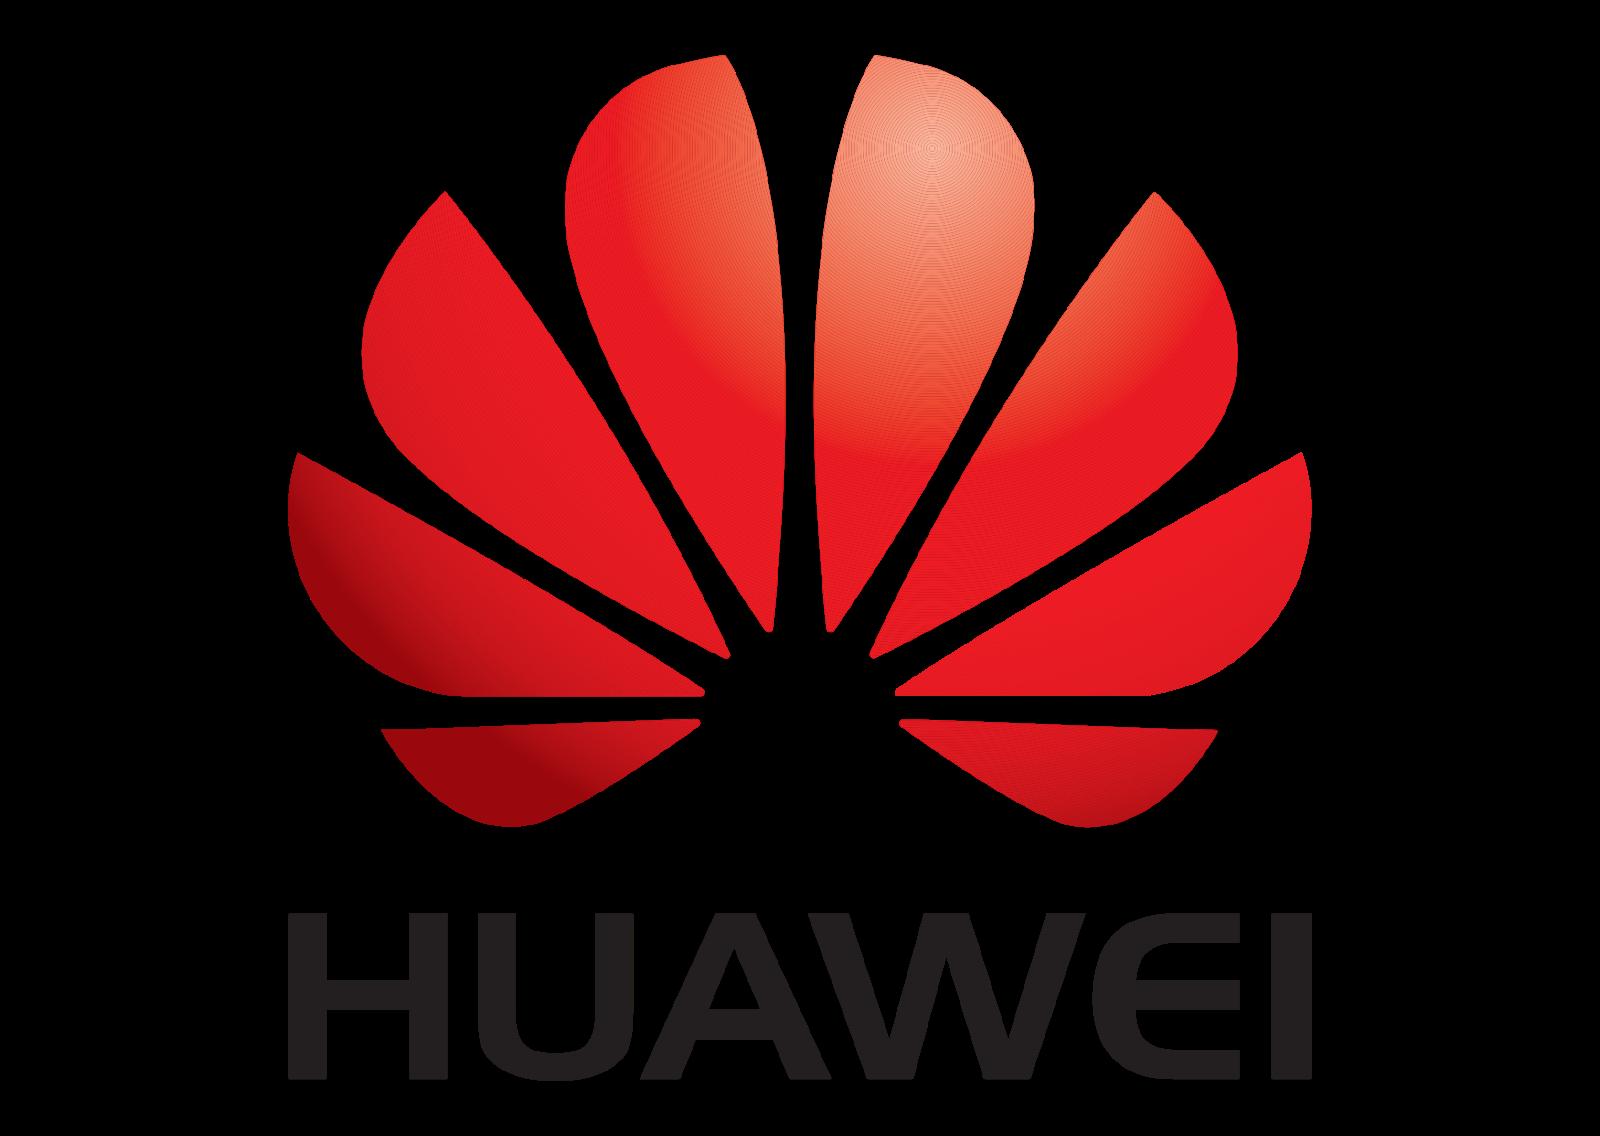 Huawei Logo Vector Huawei, Huawei phones, Smartphone